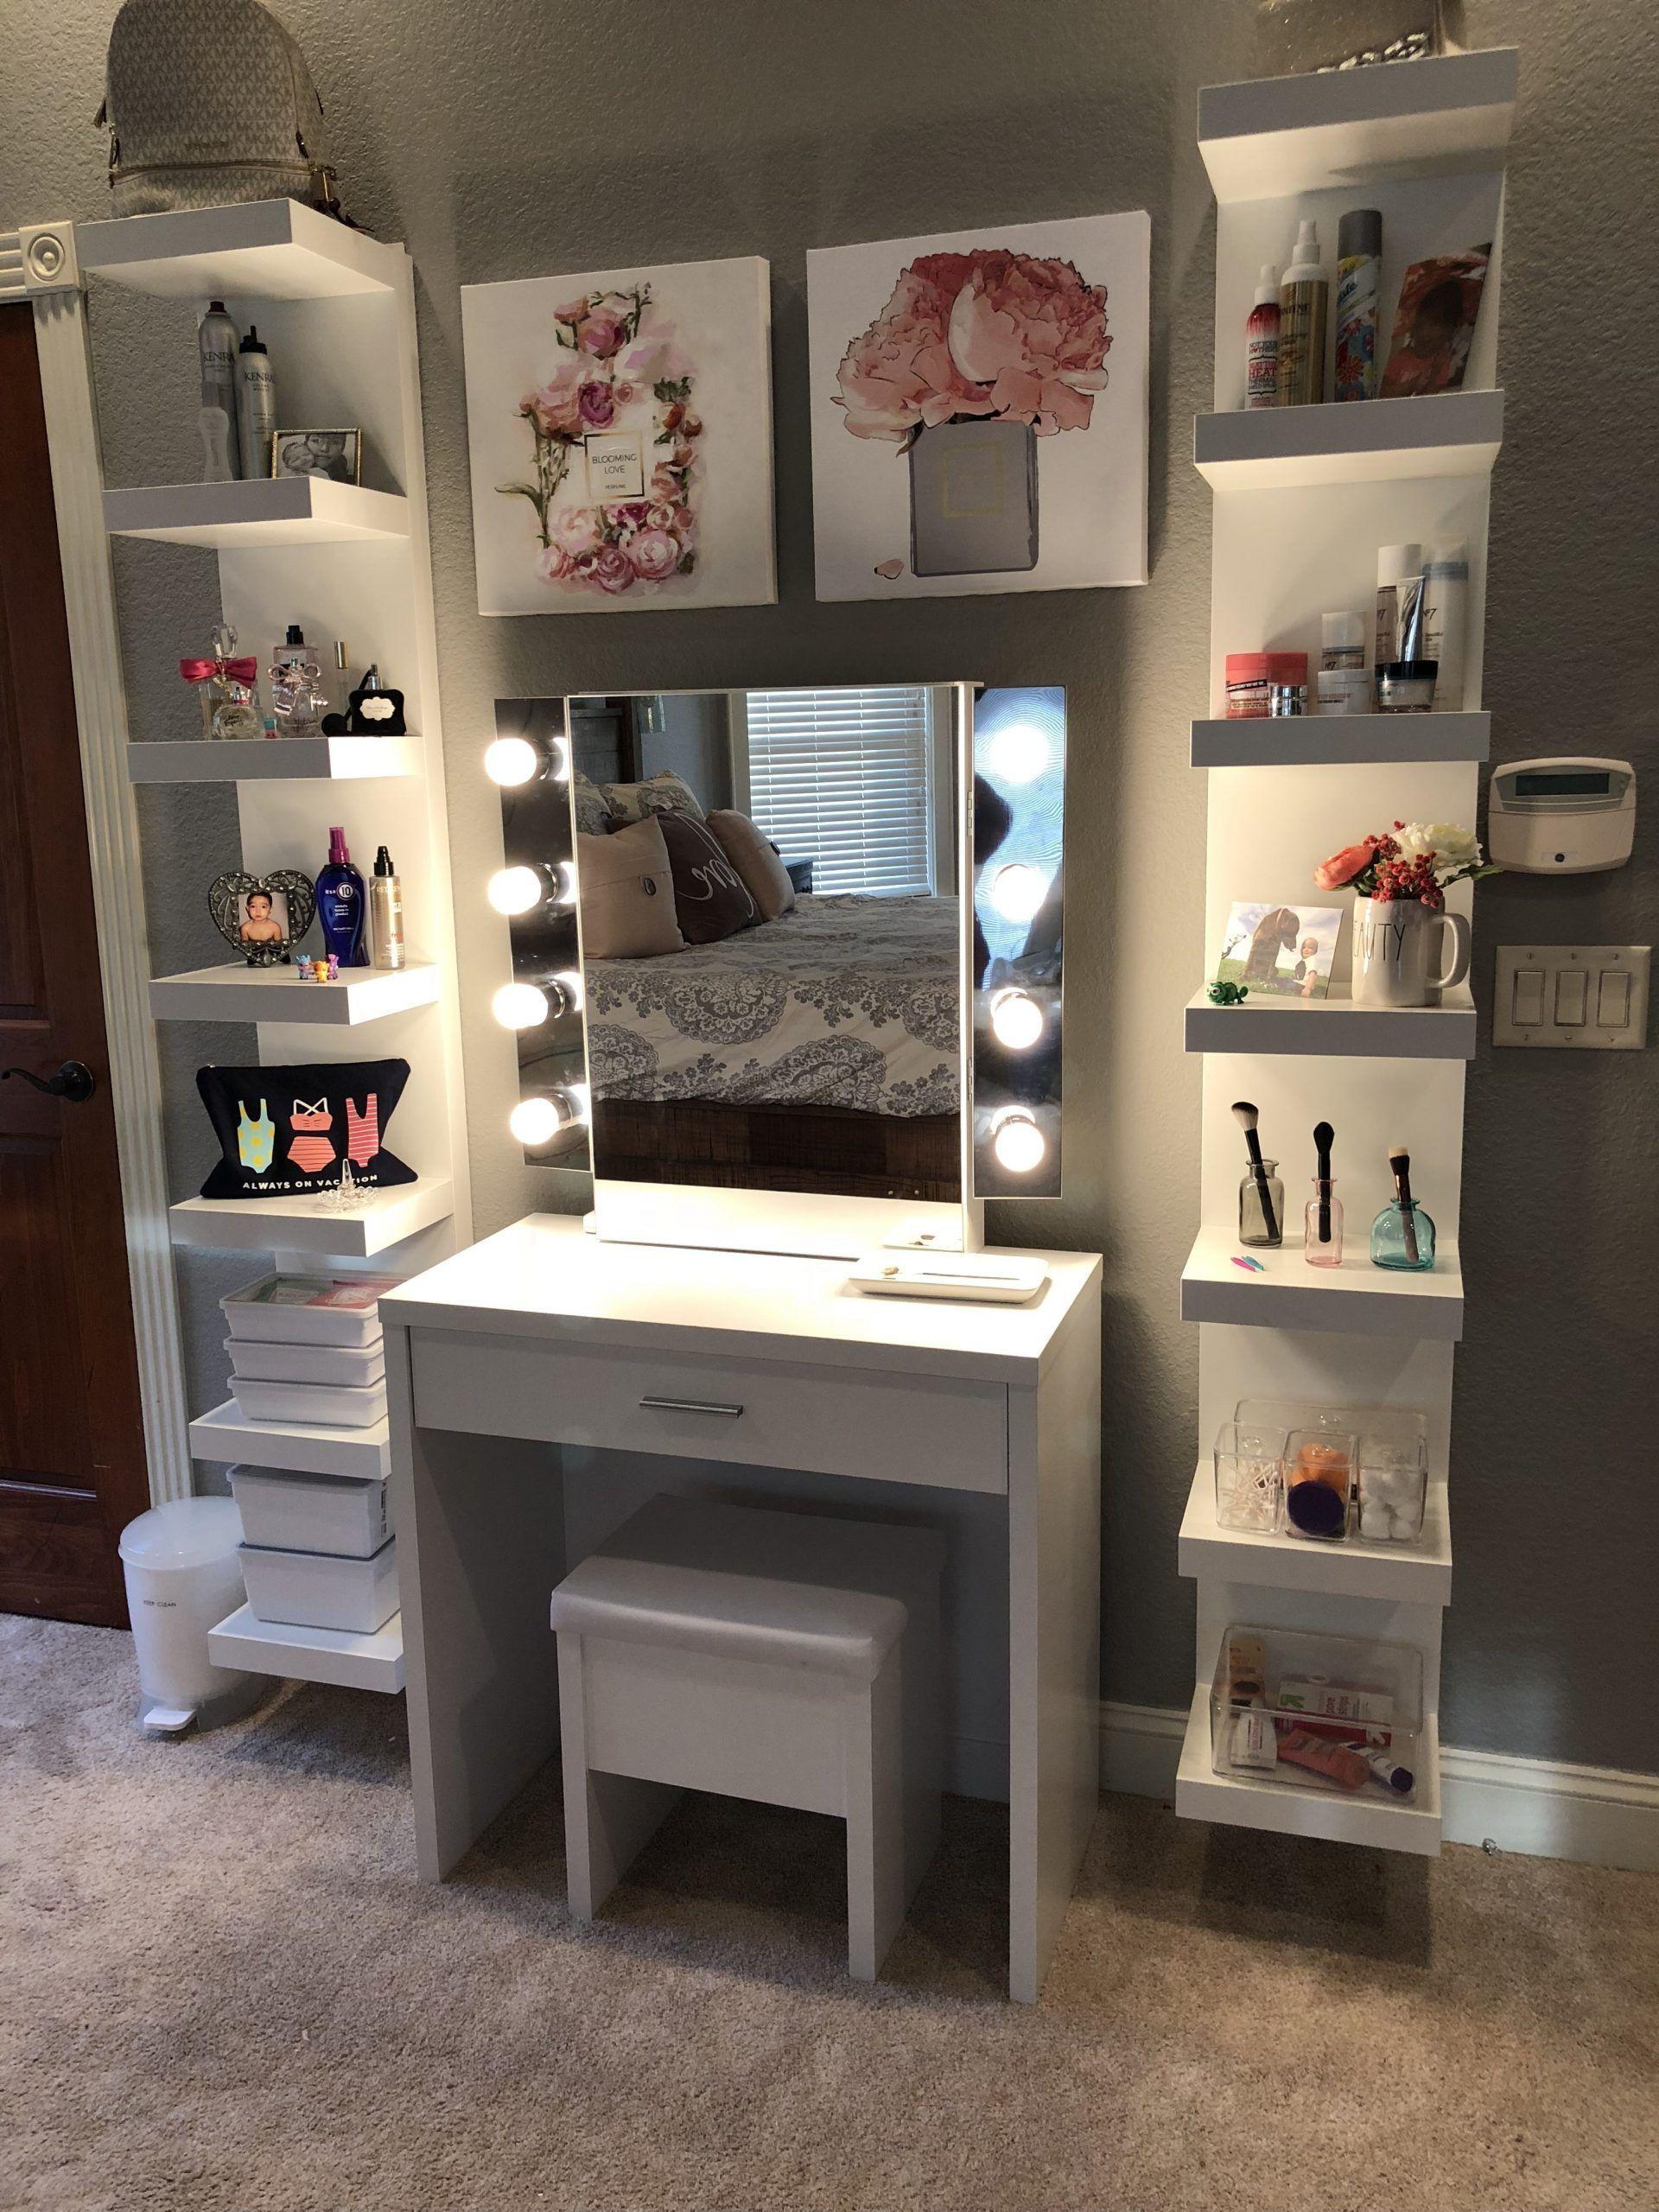 Makeup Vanity Superhairmodels Com Dekor Superhairmodelscomdekor Vanit Chambr Mirrored Bedroom Furniture Room Decor Stylish